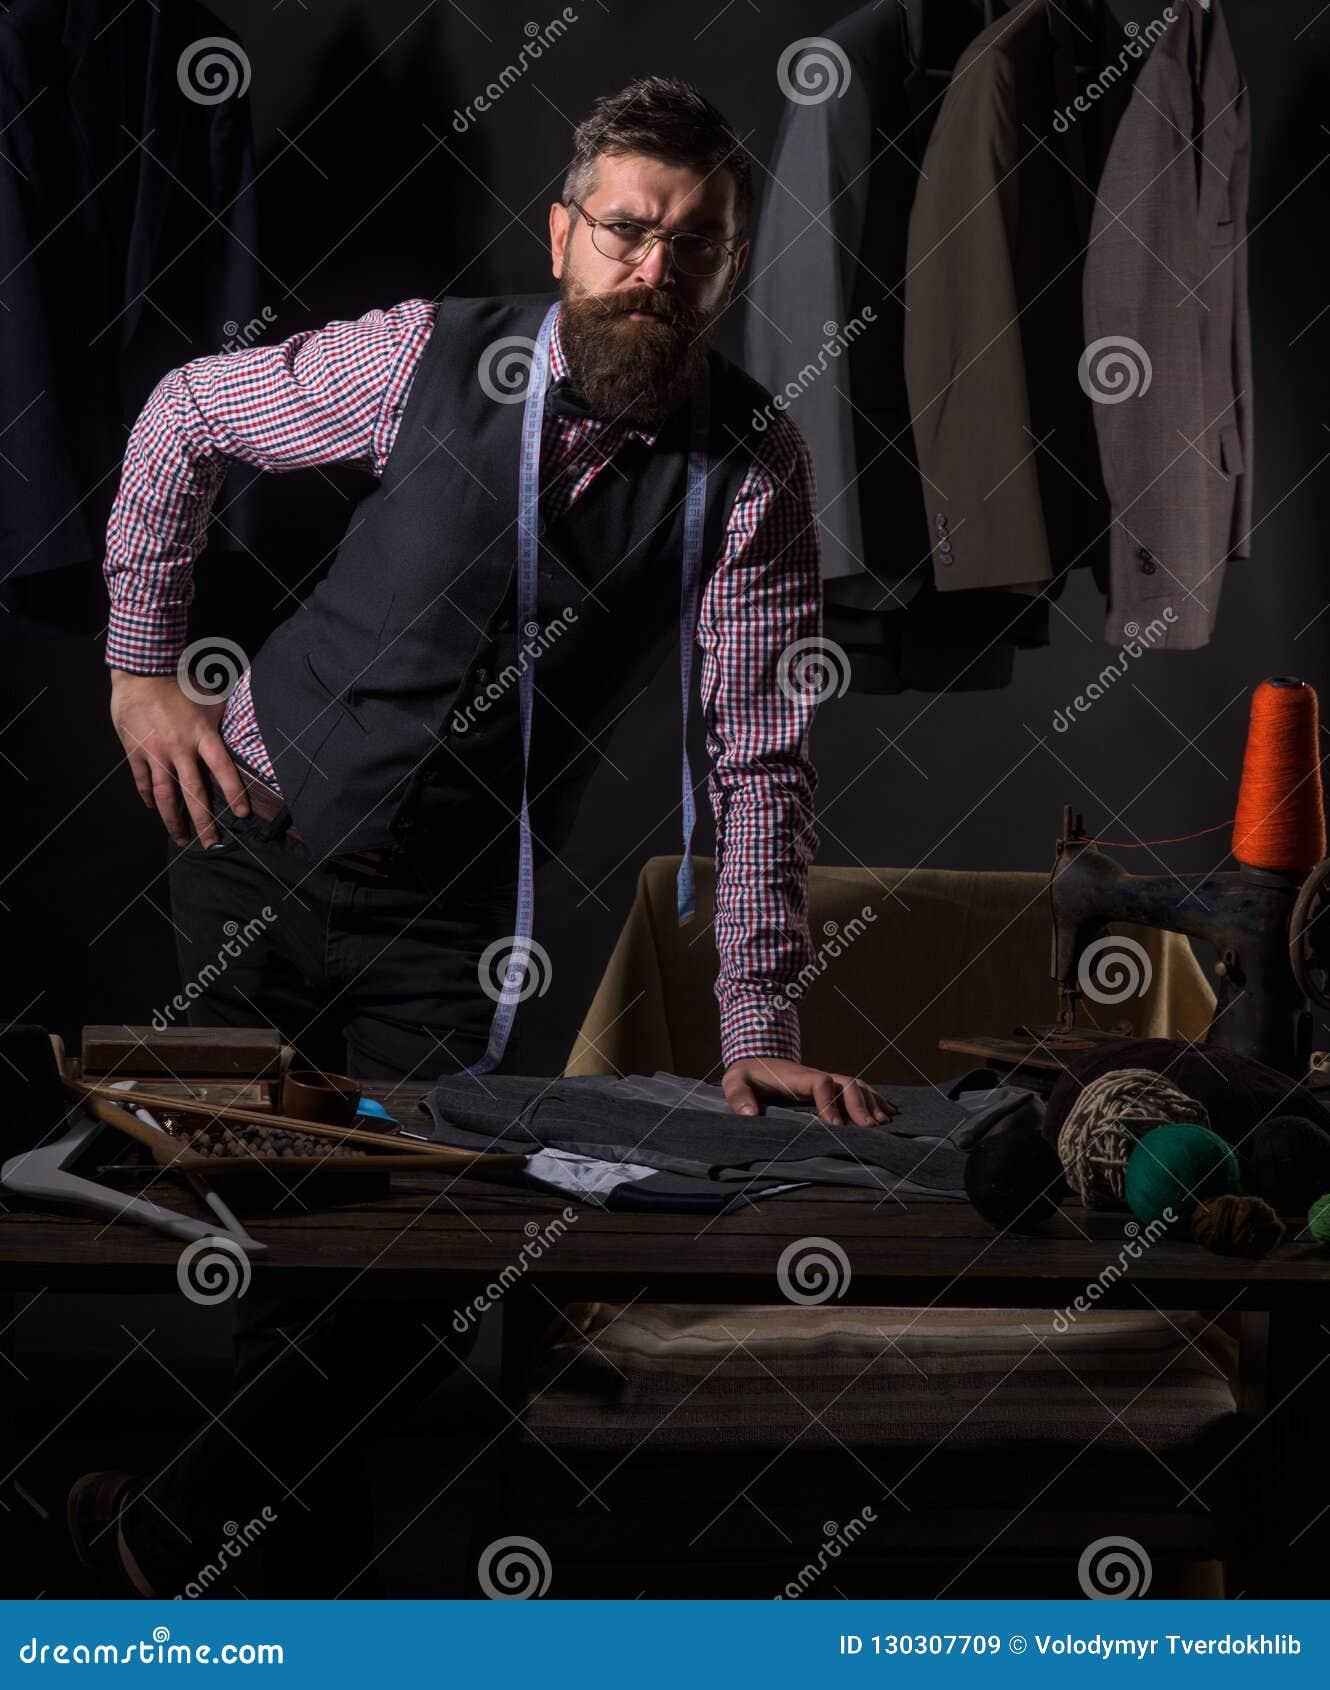 Amo il mio job Codice di abbigliamento di affari handmade retro ed officina d adattamento moderna meccanizzazione di cucito depos